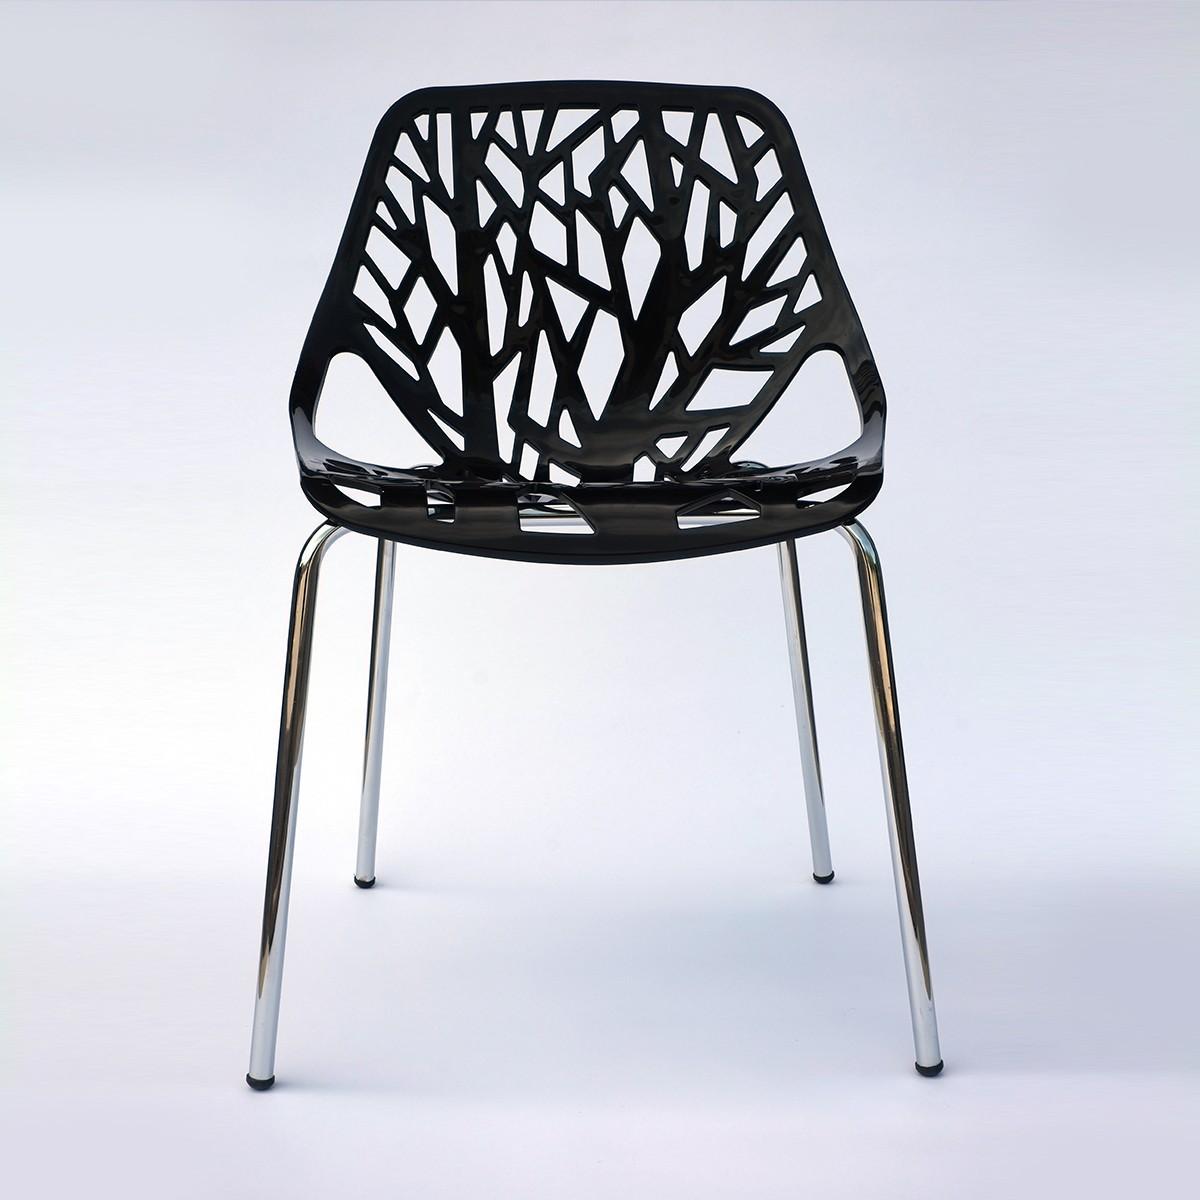 Chaise de salle à manger avec pochoir en blanc (T812E002-BK)